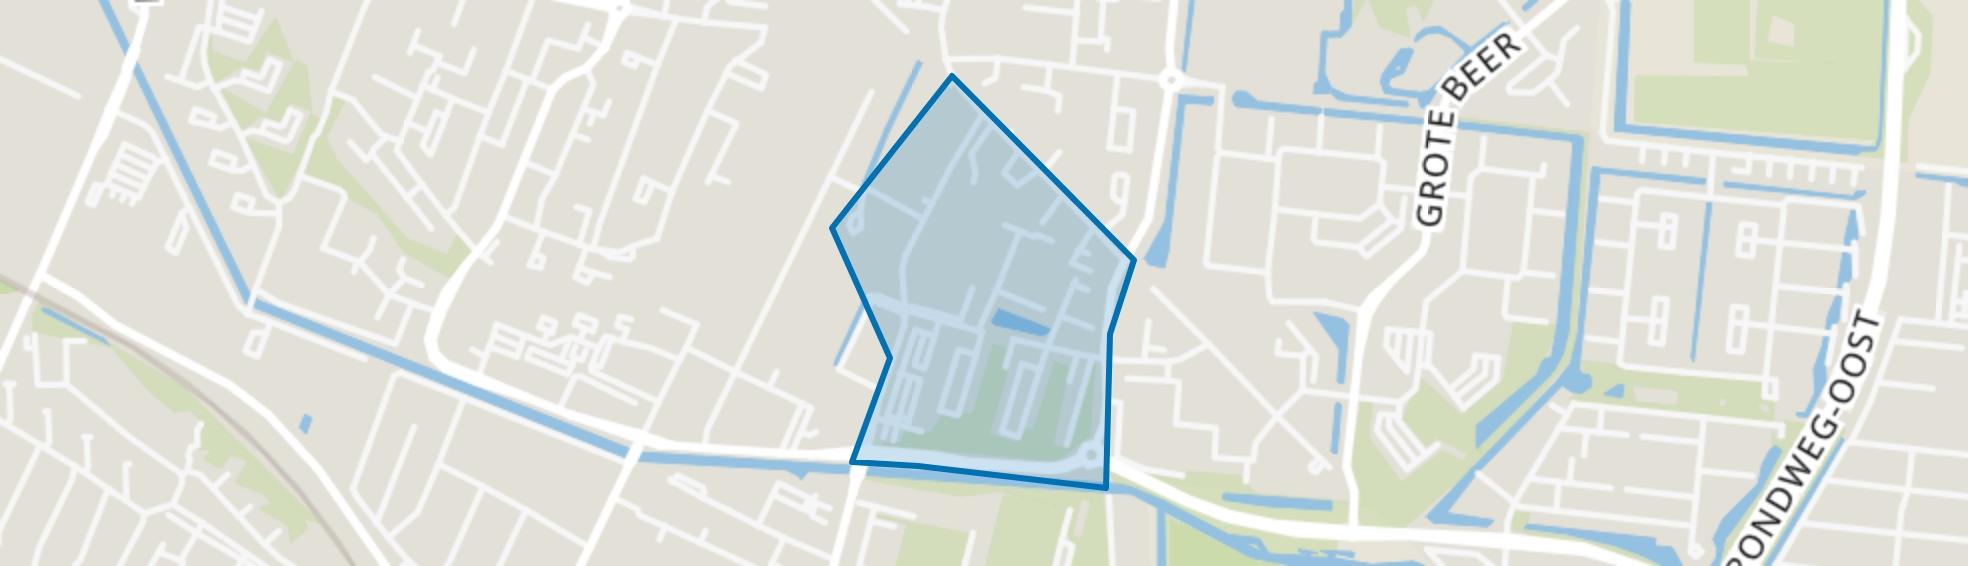 Schrijverswijk, Veenendaal map